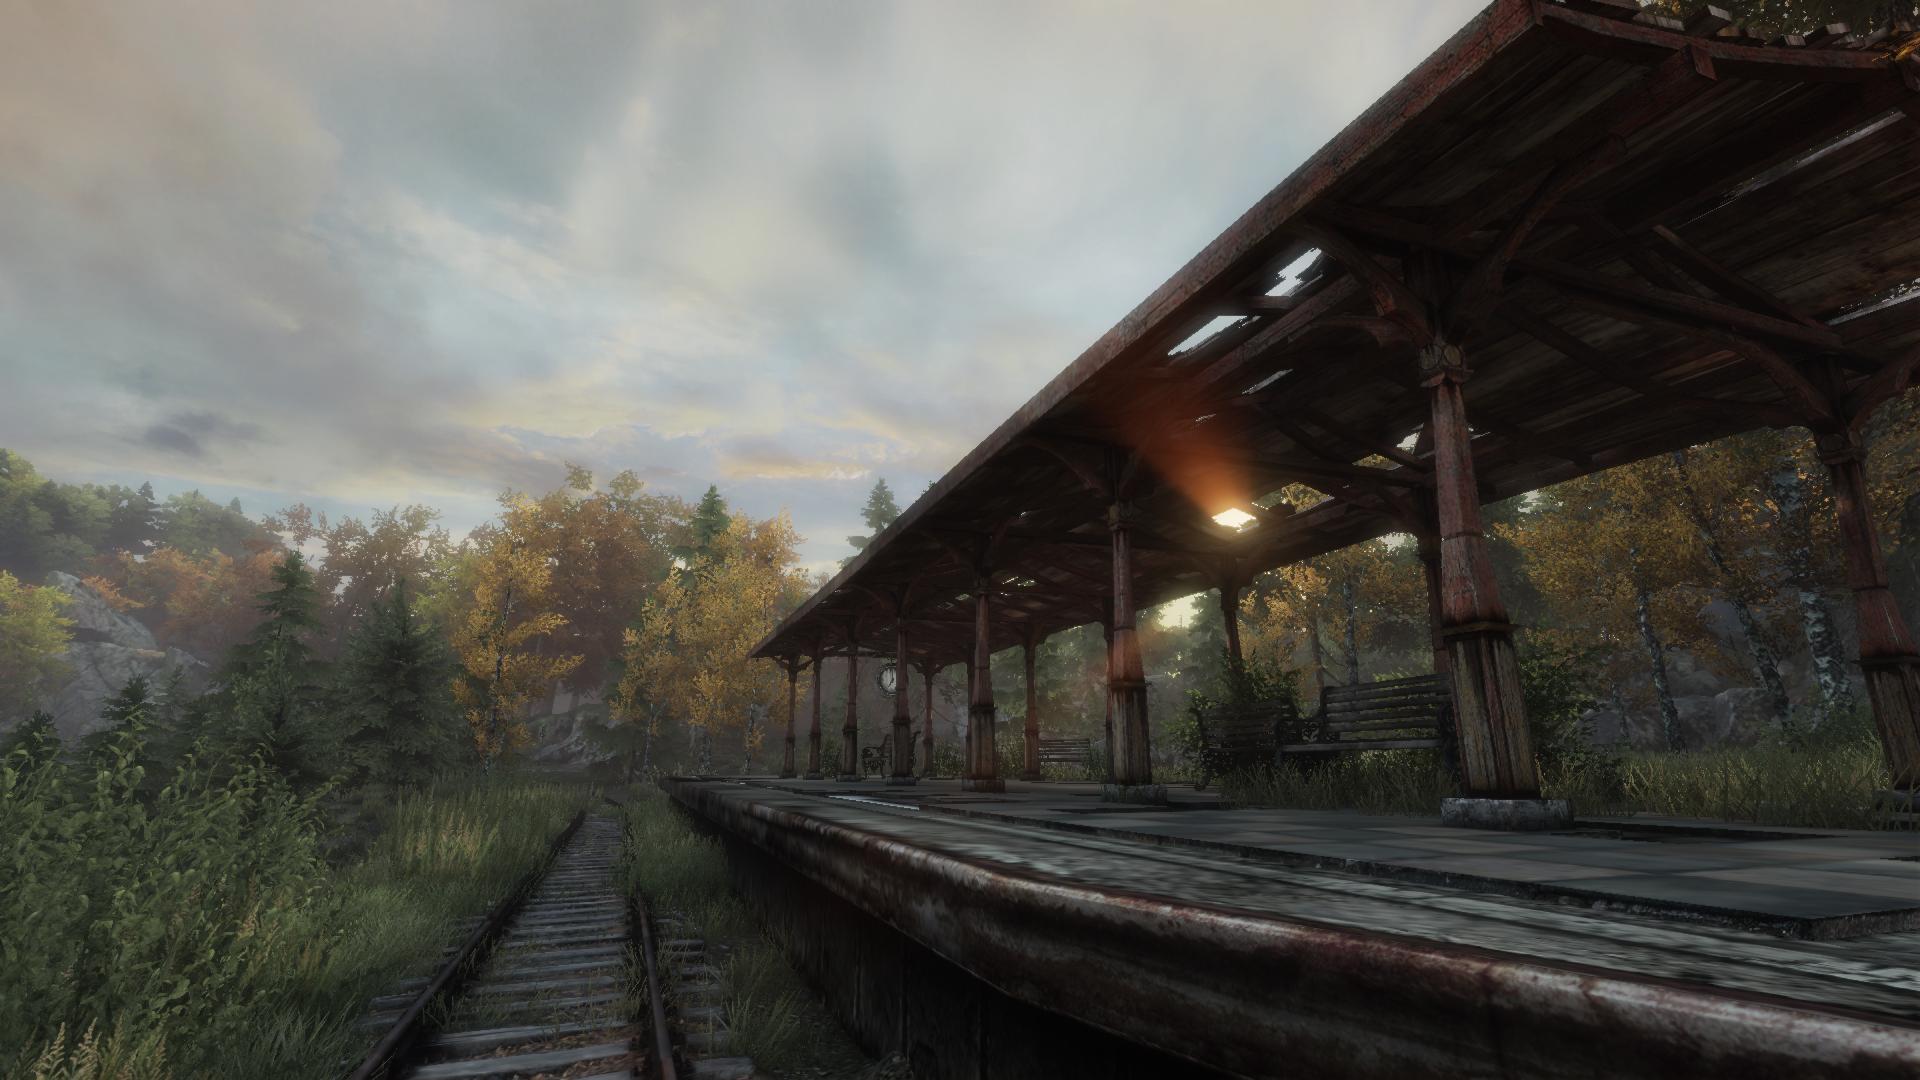 Ein verlassener Bahnhof in der Abendsonne - schön und schaurig